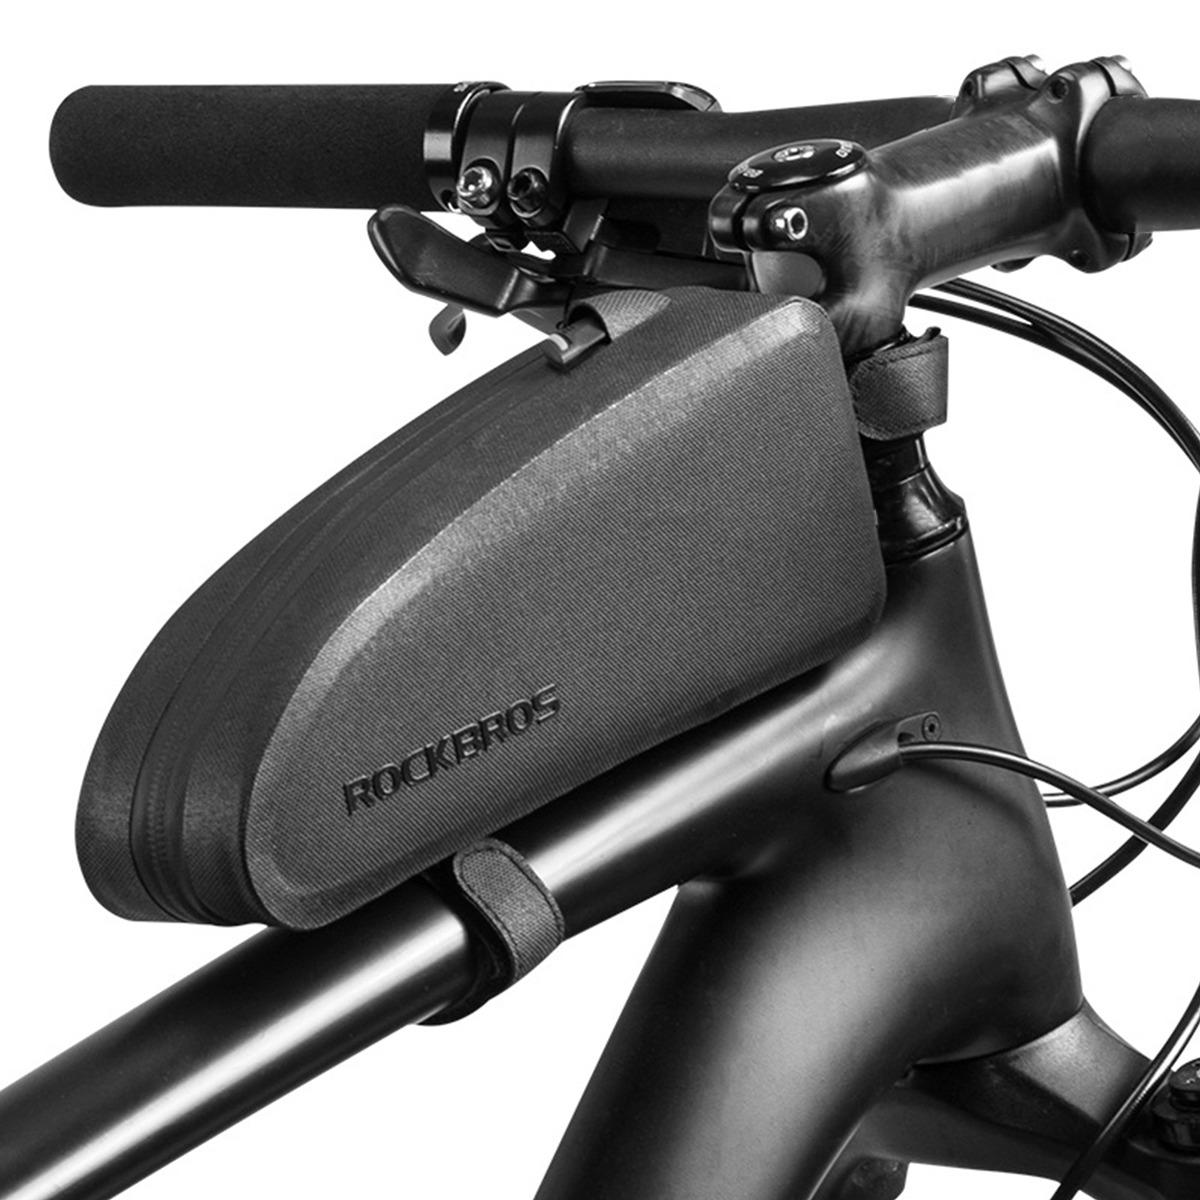 94105b22887 rockbros bolsa bicicleta carretera ciclismo impermeable bols. Cargando zoom.